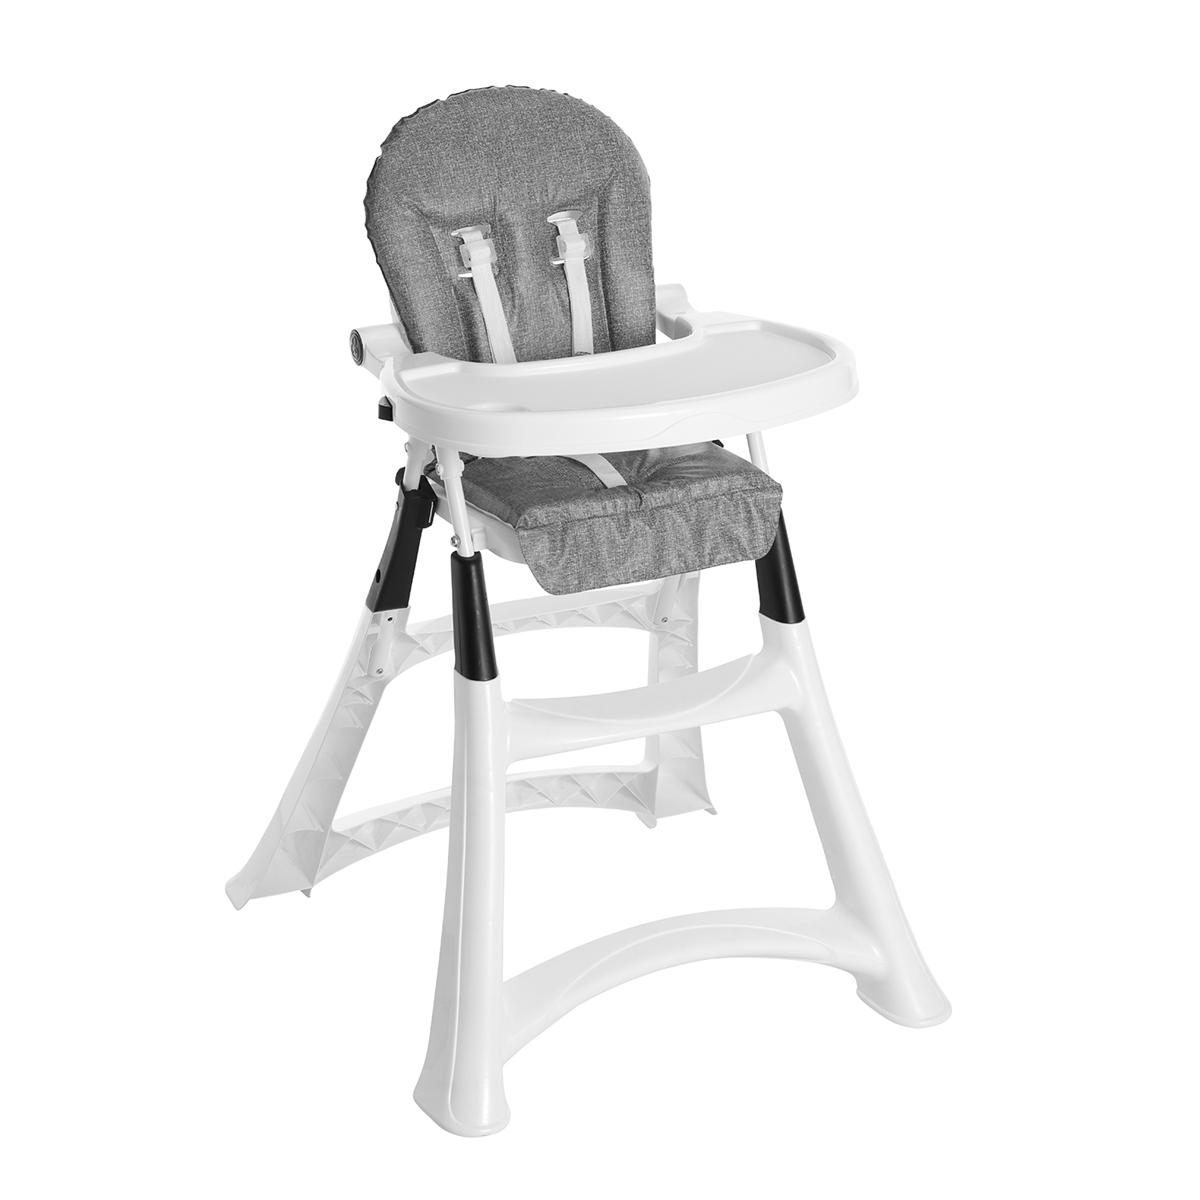 Cadeira de Alimentação Alta Premium Sand Cinza - Galzerano 5070SND